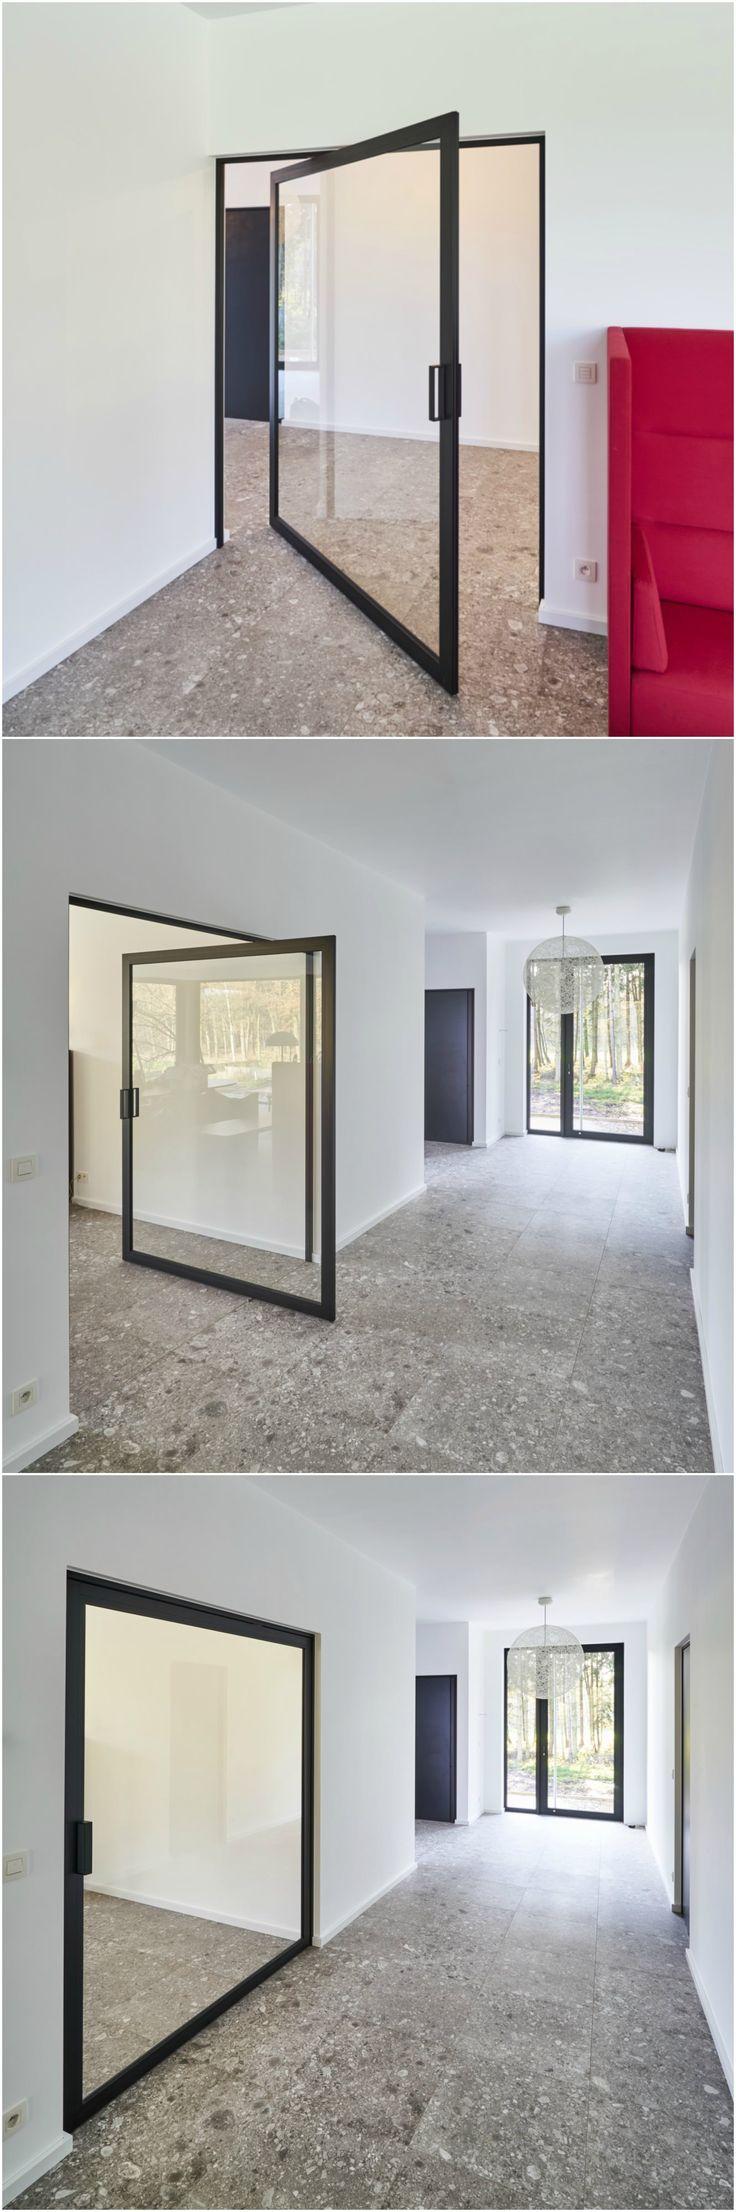 les 25 meilleures id es de la cat gorie portes pivotantes sur pinterest des portes en verre. Black Bedroom Furniture Sets. Home Design Ideas